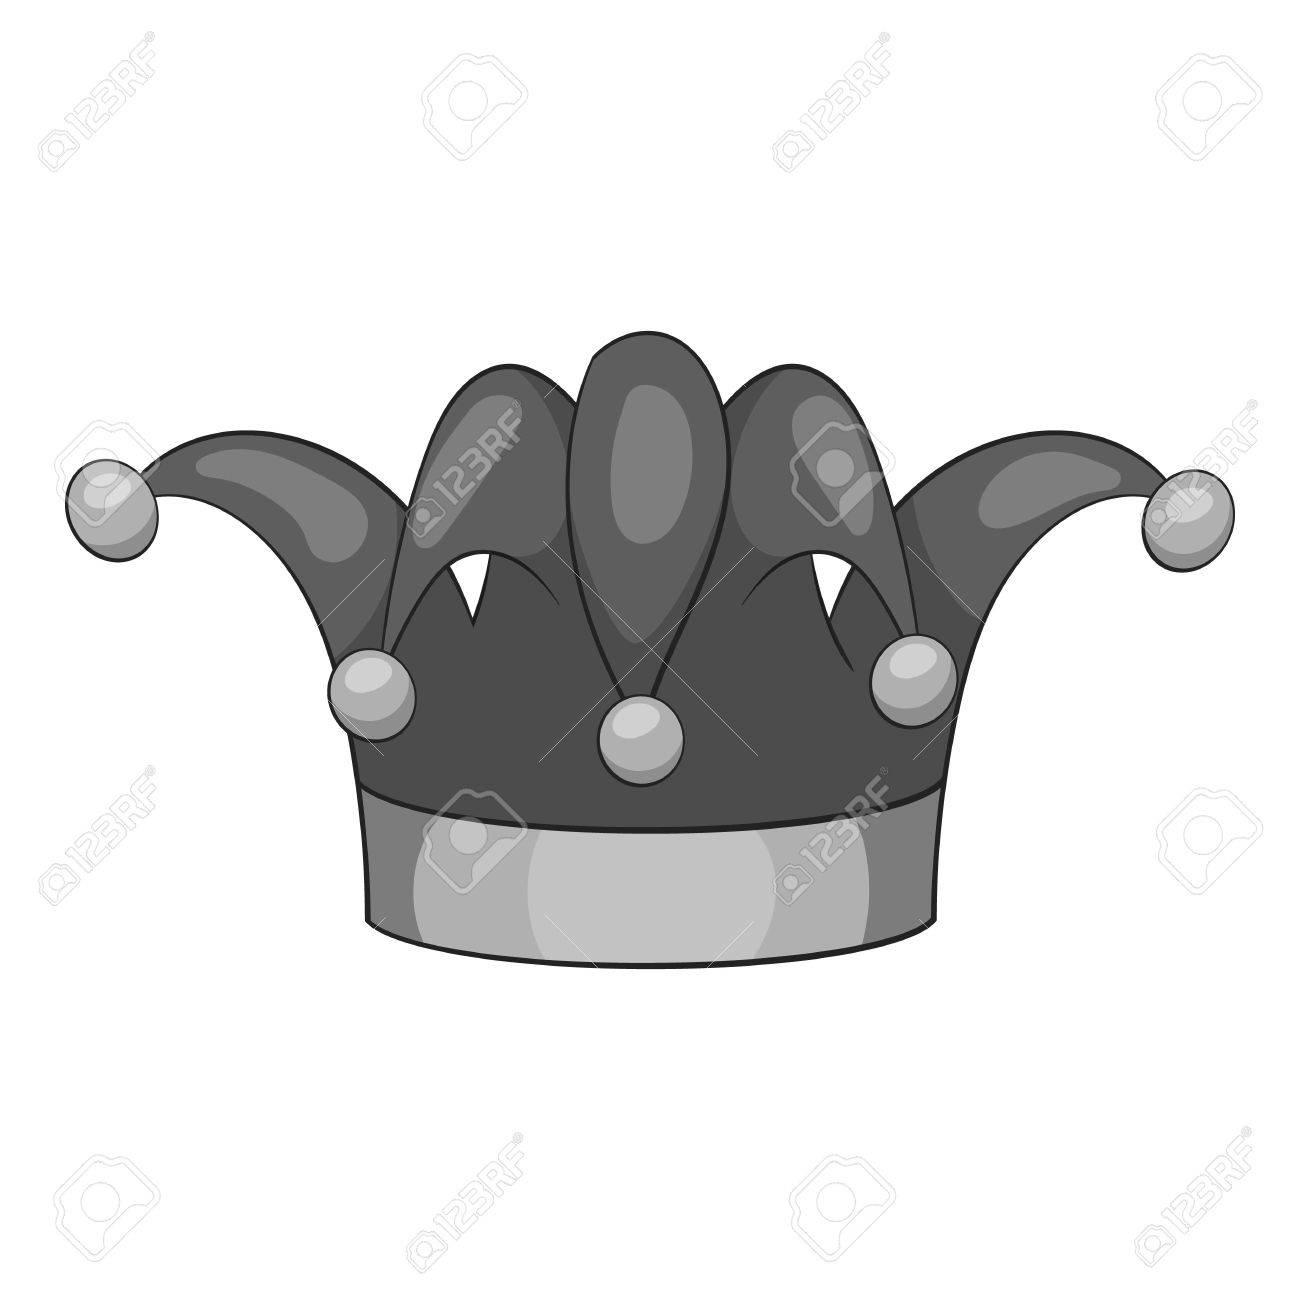 Foto de archivo - Icono de sombrero de payaso. ilustración en blanco y  negro gris del payaso del vector del icono del sombrero para la web 833d4db3ae1